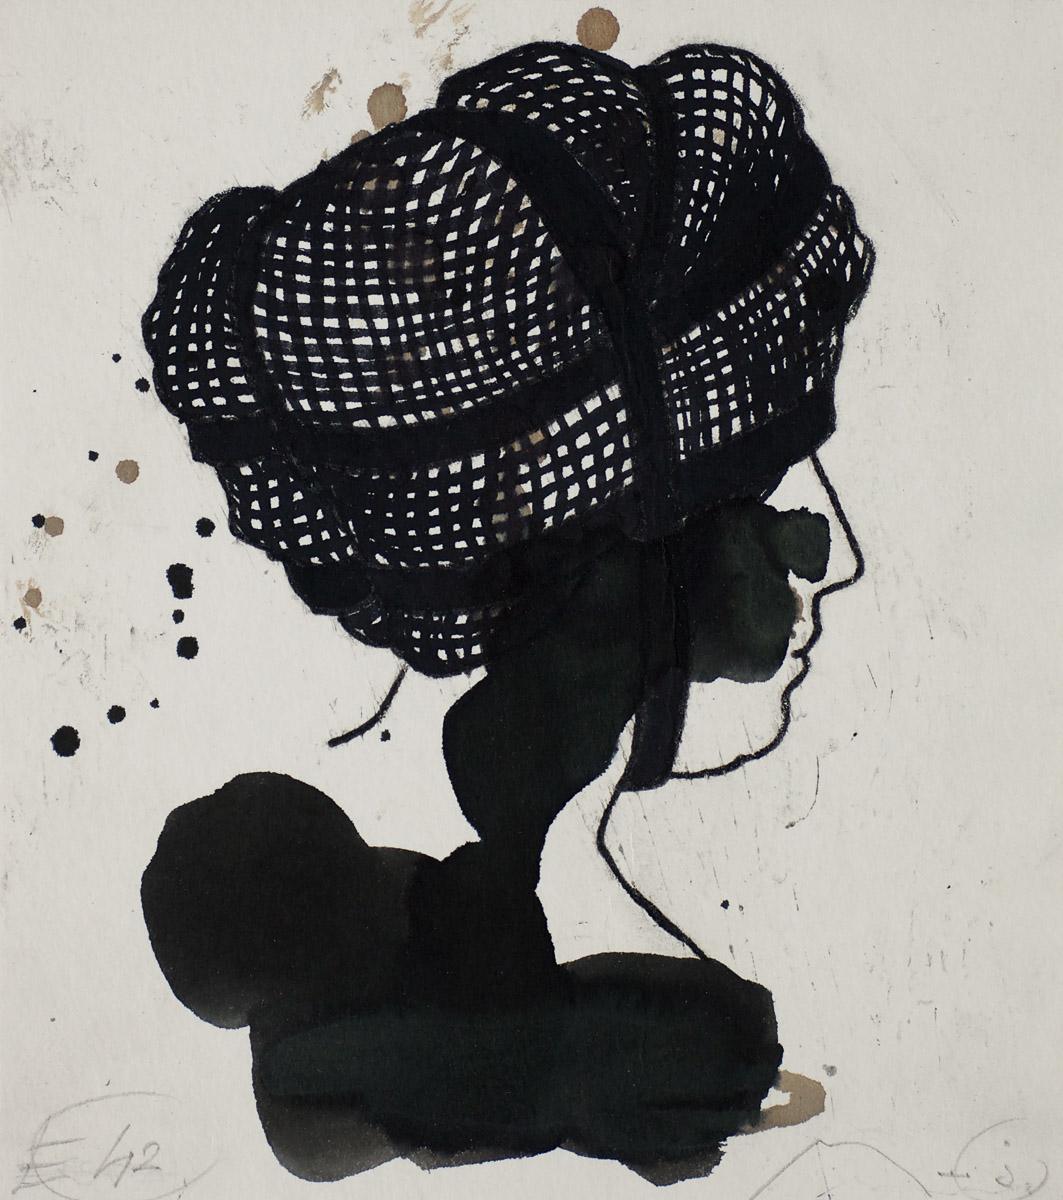 Frisur: ink/paper, 30x 25 cm, 2006